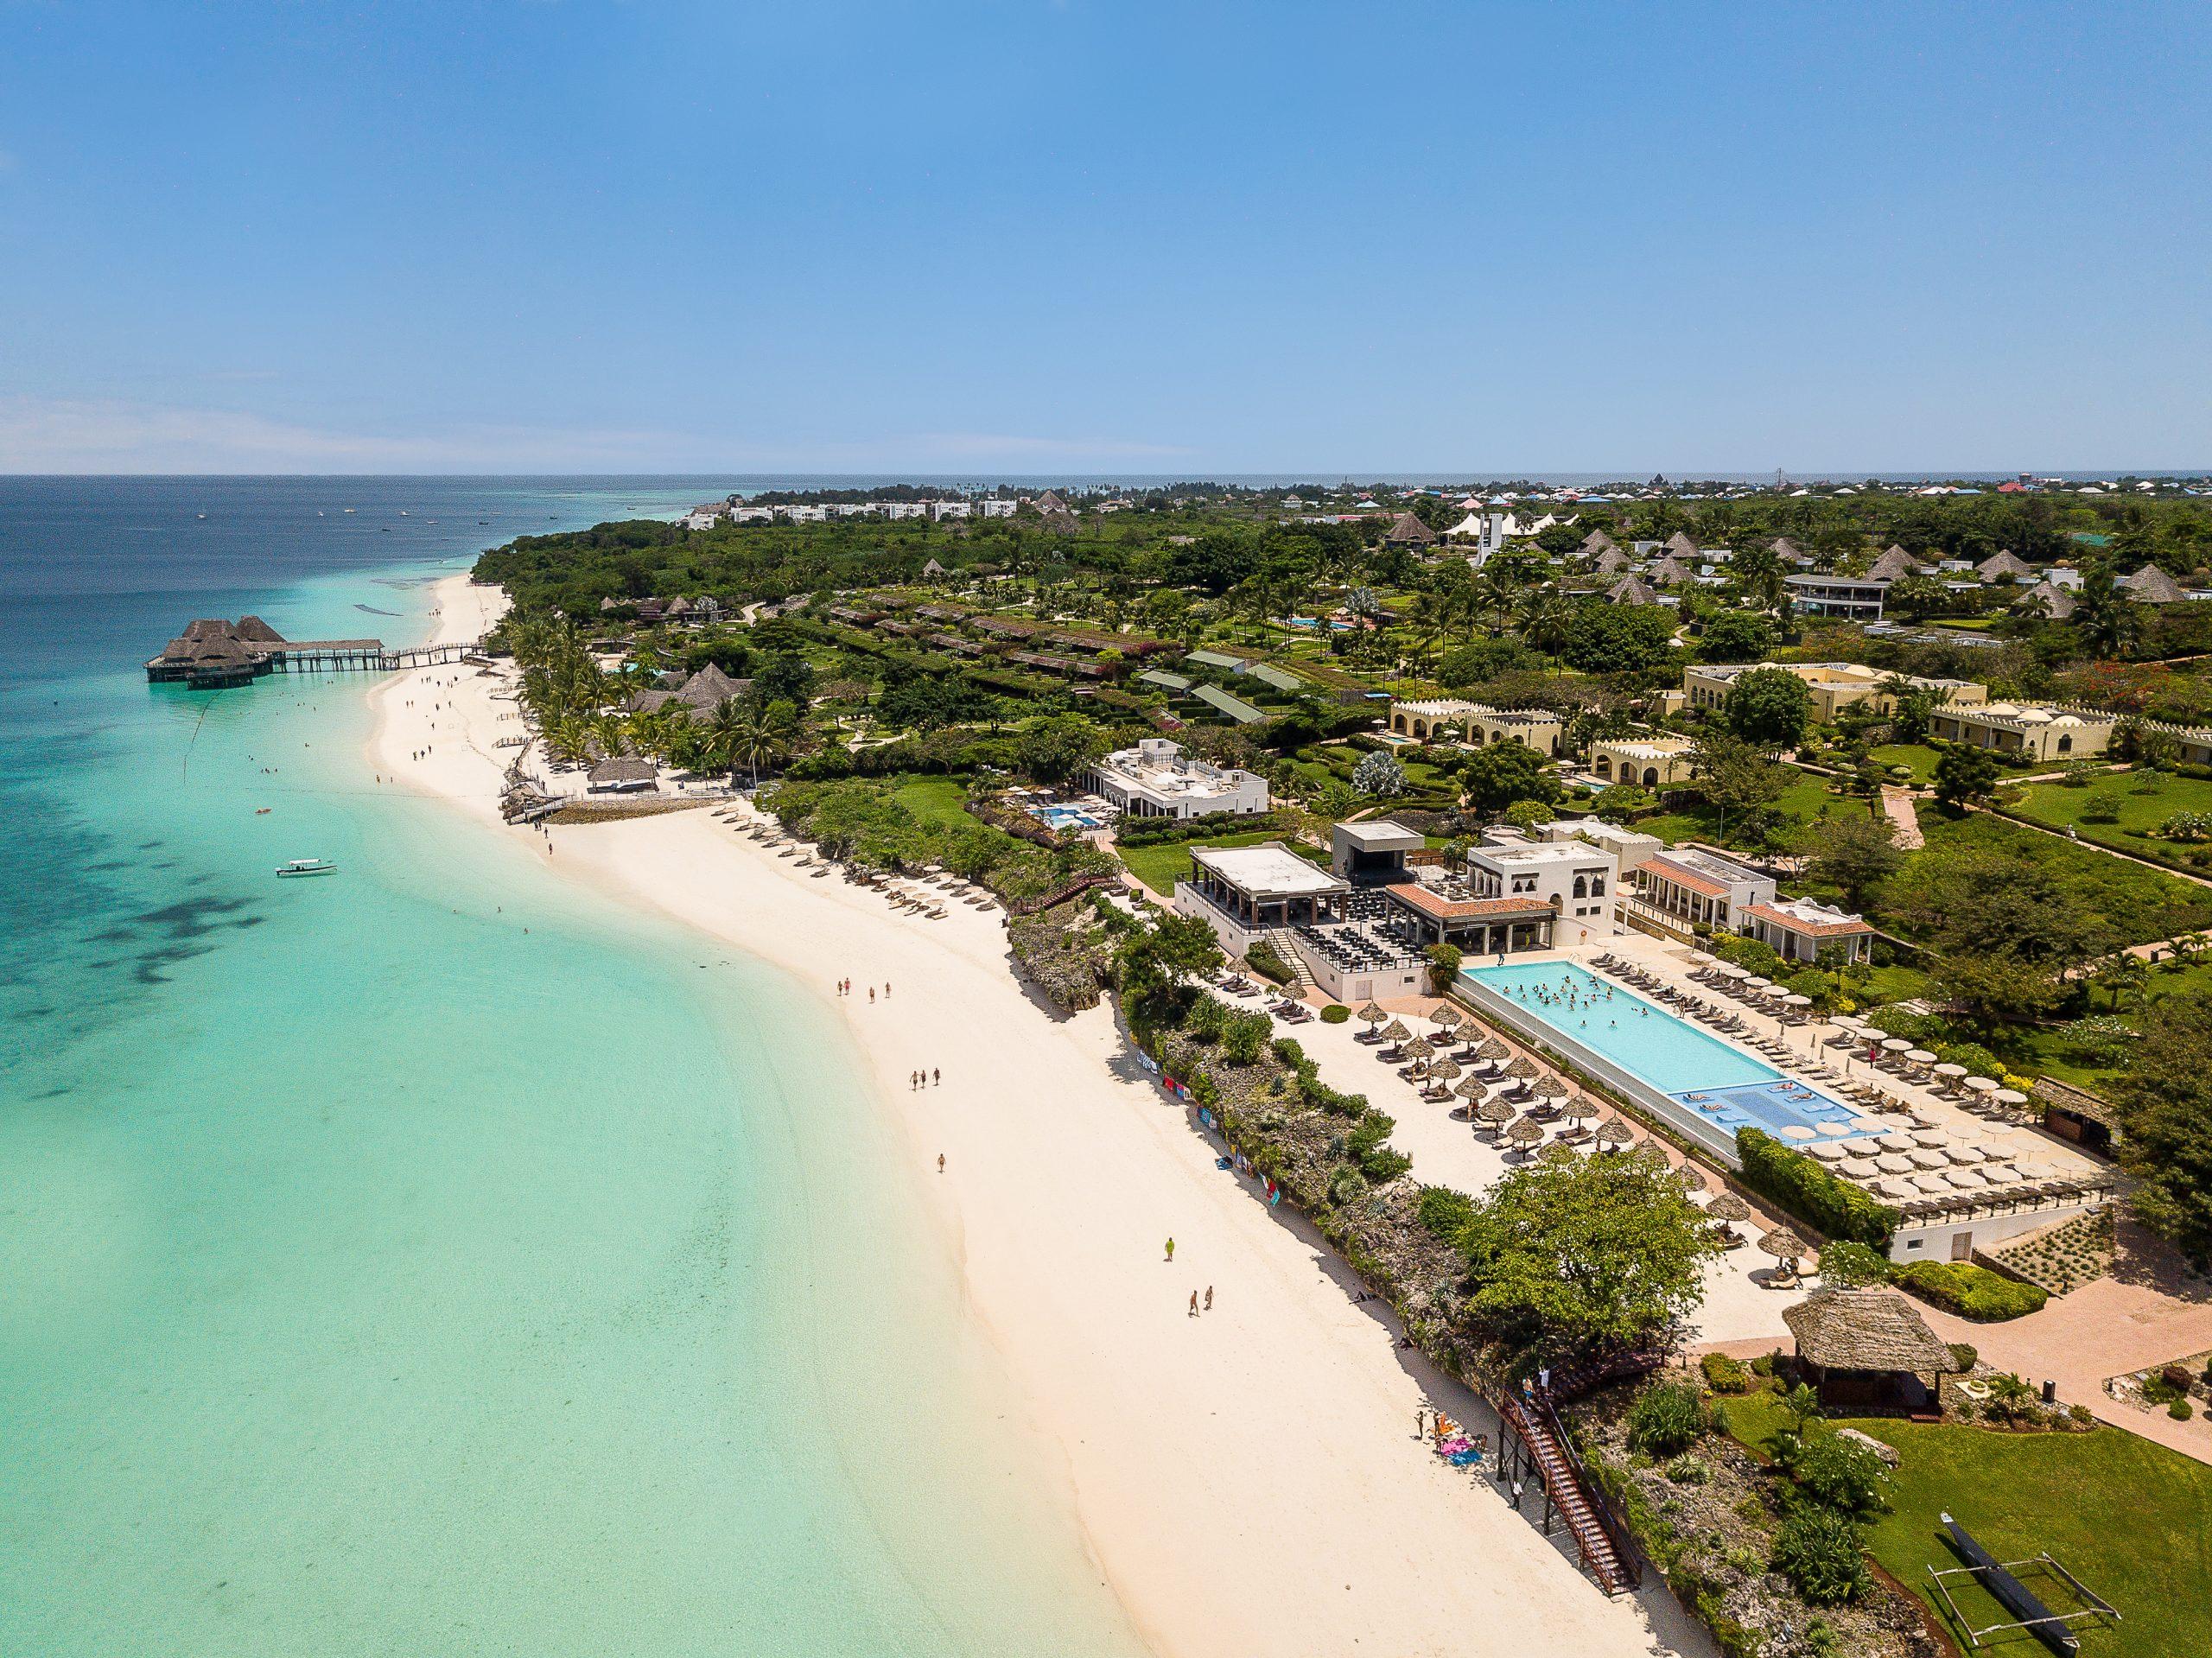 Zanzibar får snart nye flyforbindelser fra Europa. Blandt øens luksushoteller er Riu Palace Zanzibar. Den spanske hotelkæde har foreløbig 93 hoteller i 19 lande. PR-foto: RIU Hotels & Resorts.